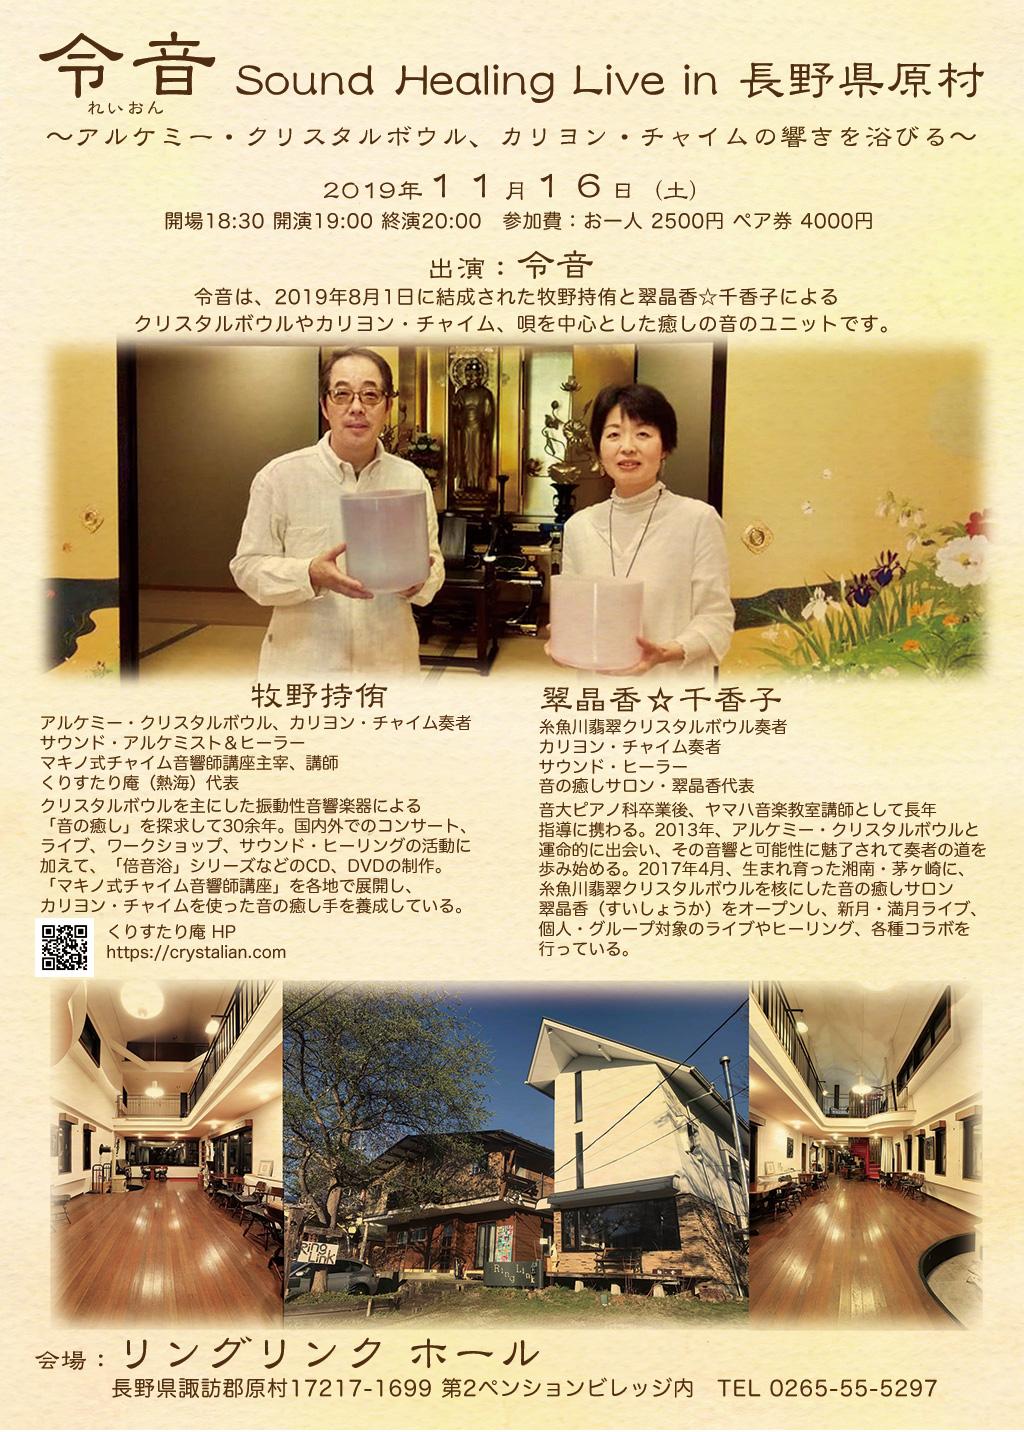 11月16日 令音 Sound Healing Live in 長野県原村 リングリンク ホール